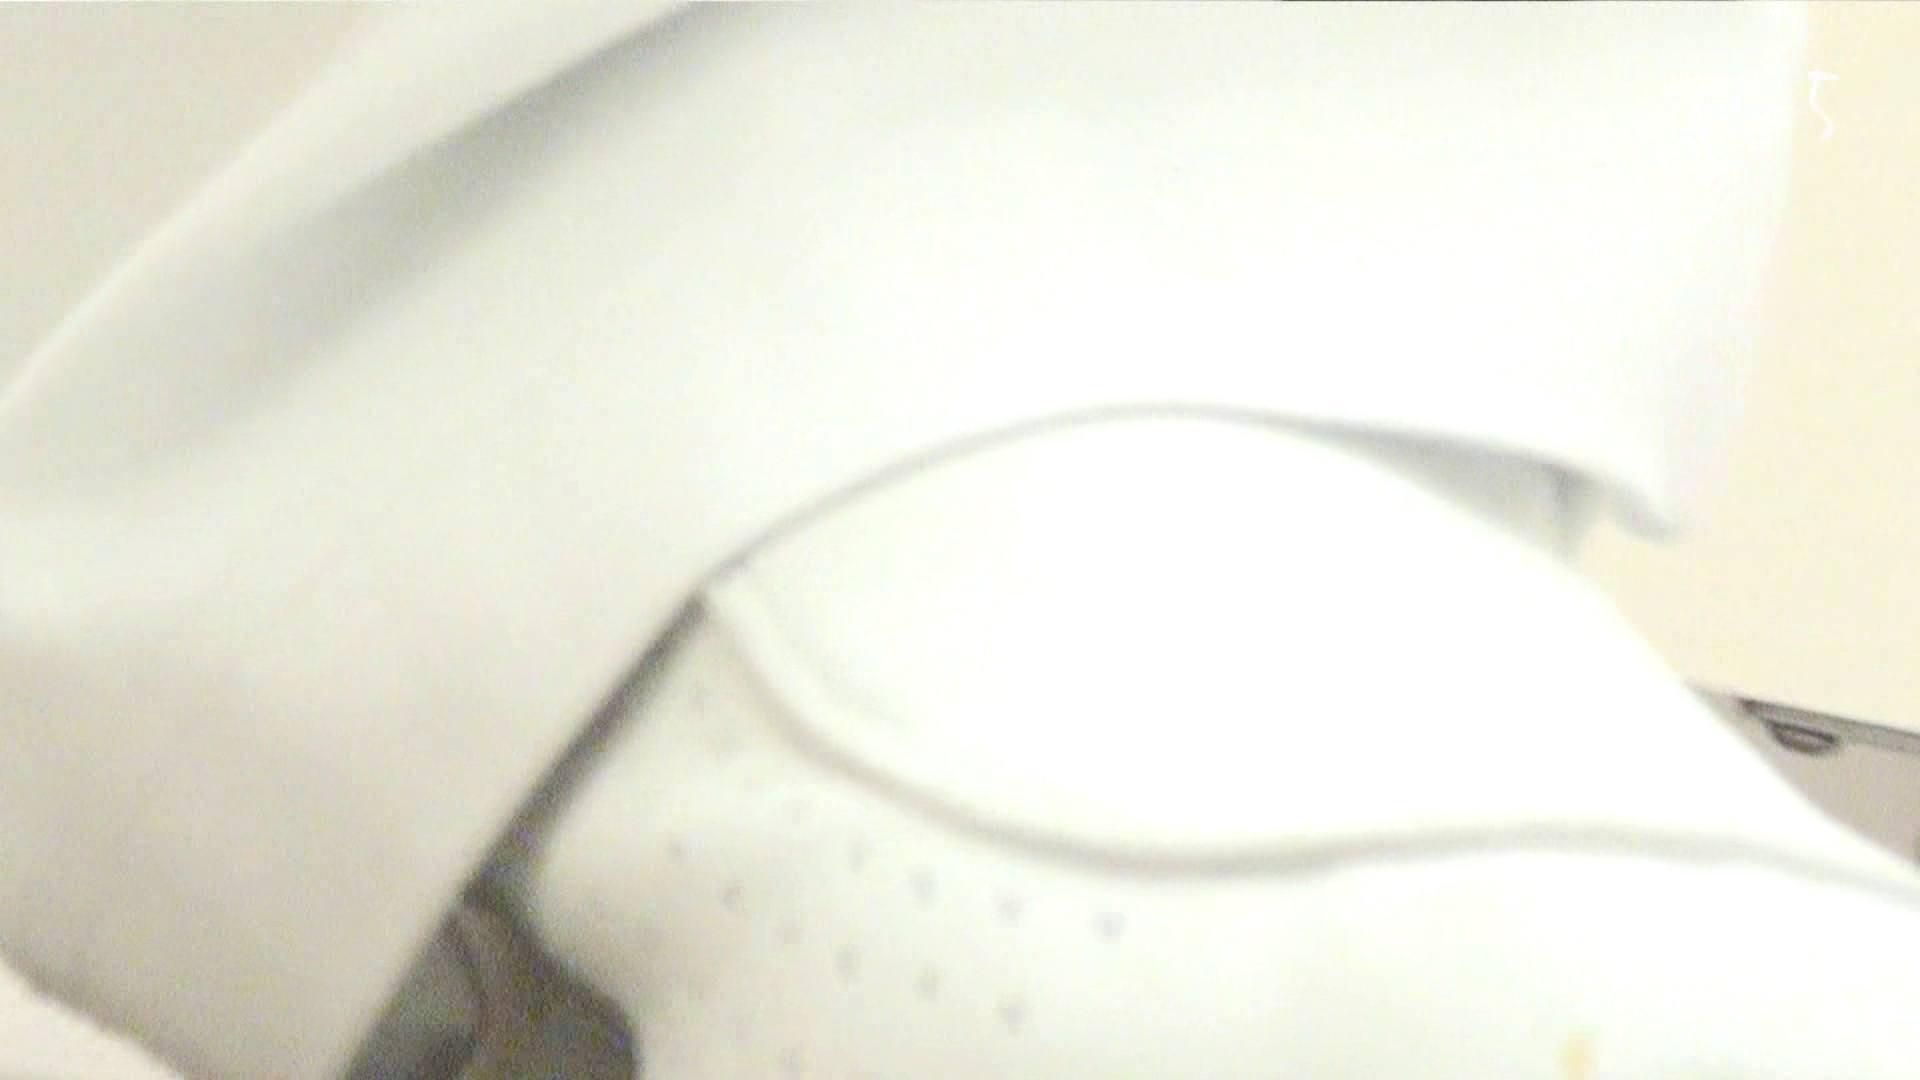 ナースのお小水 vol.005 ナースのエロ動画   お姉さんの下半身 のぞき 112PIX 15